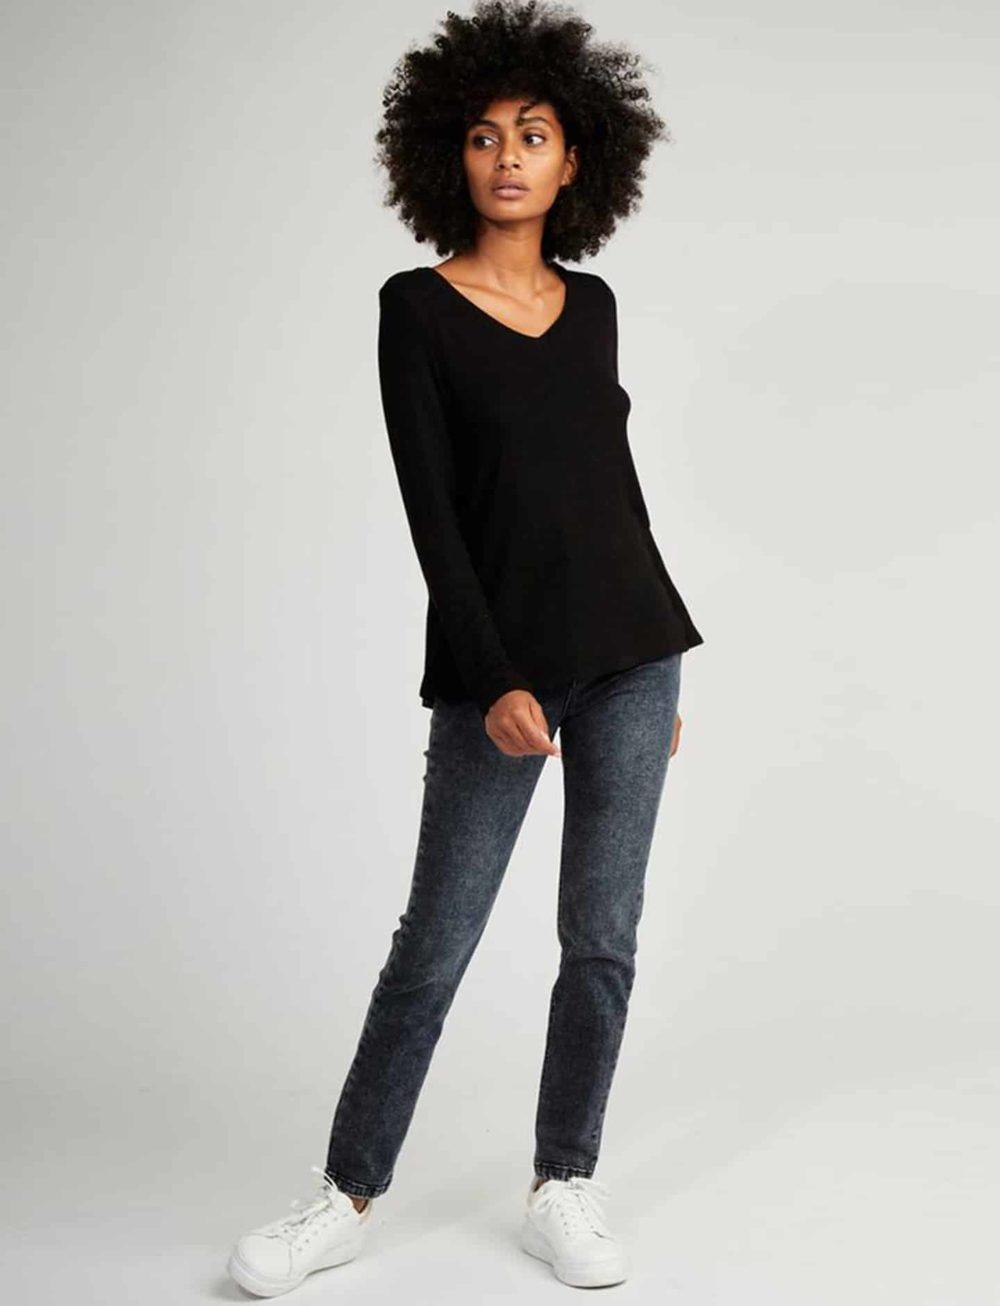 camiseta-combinada-negra-general